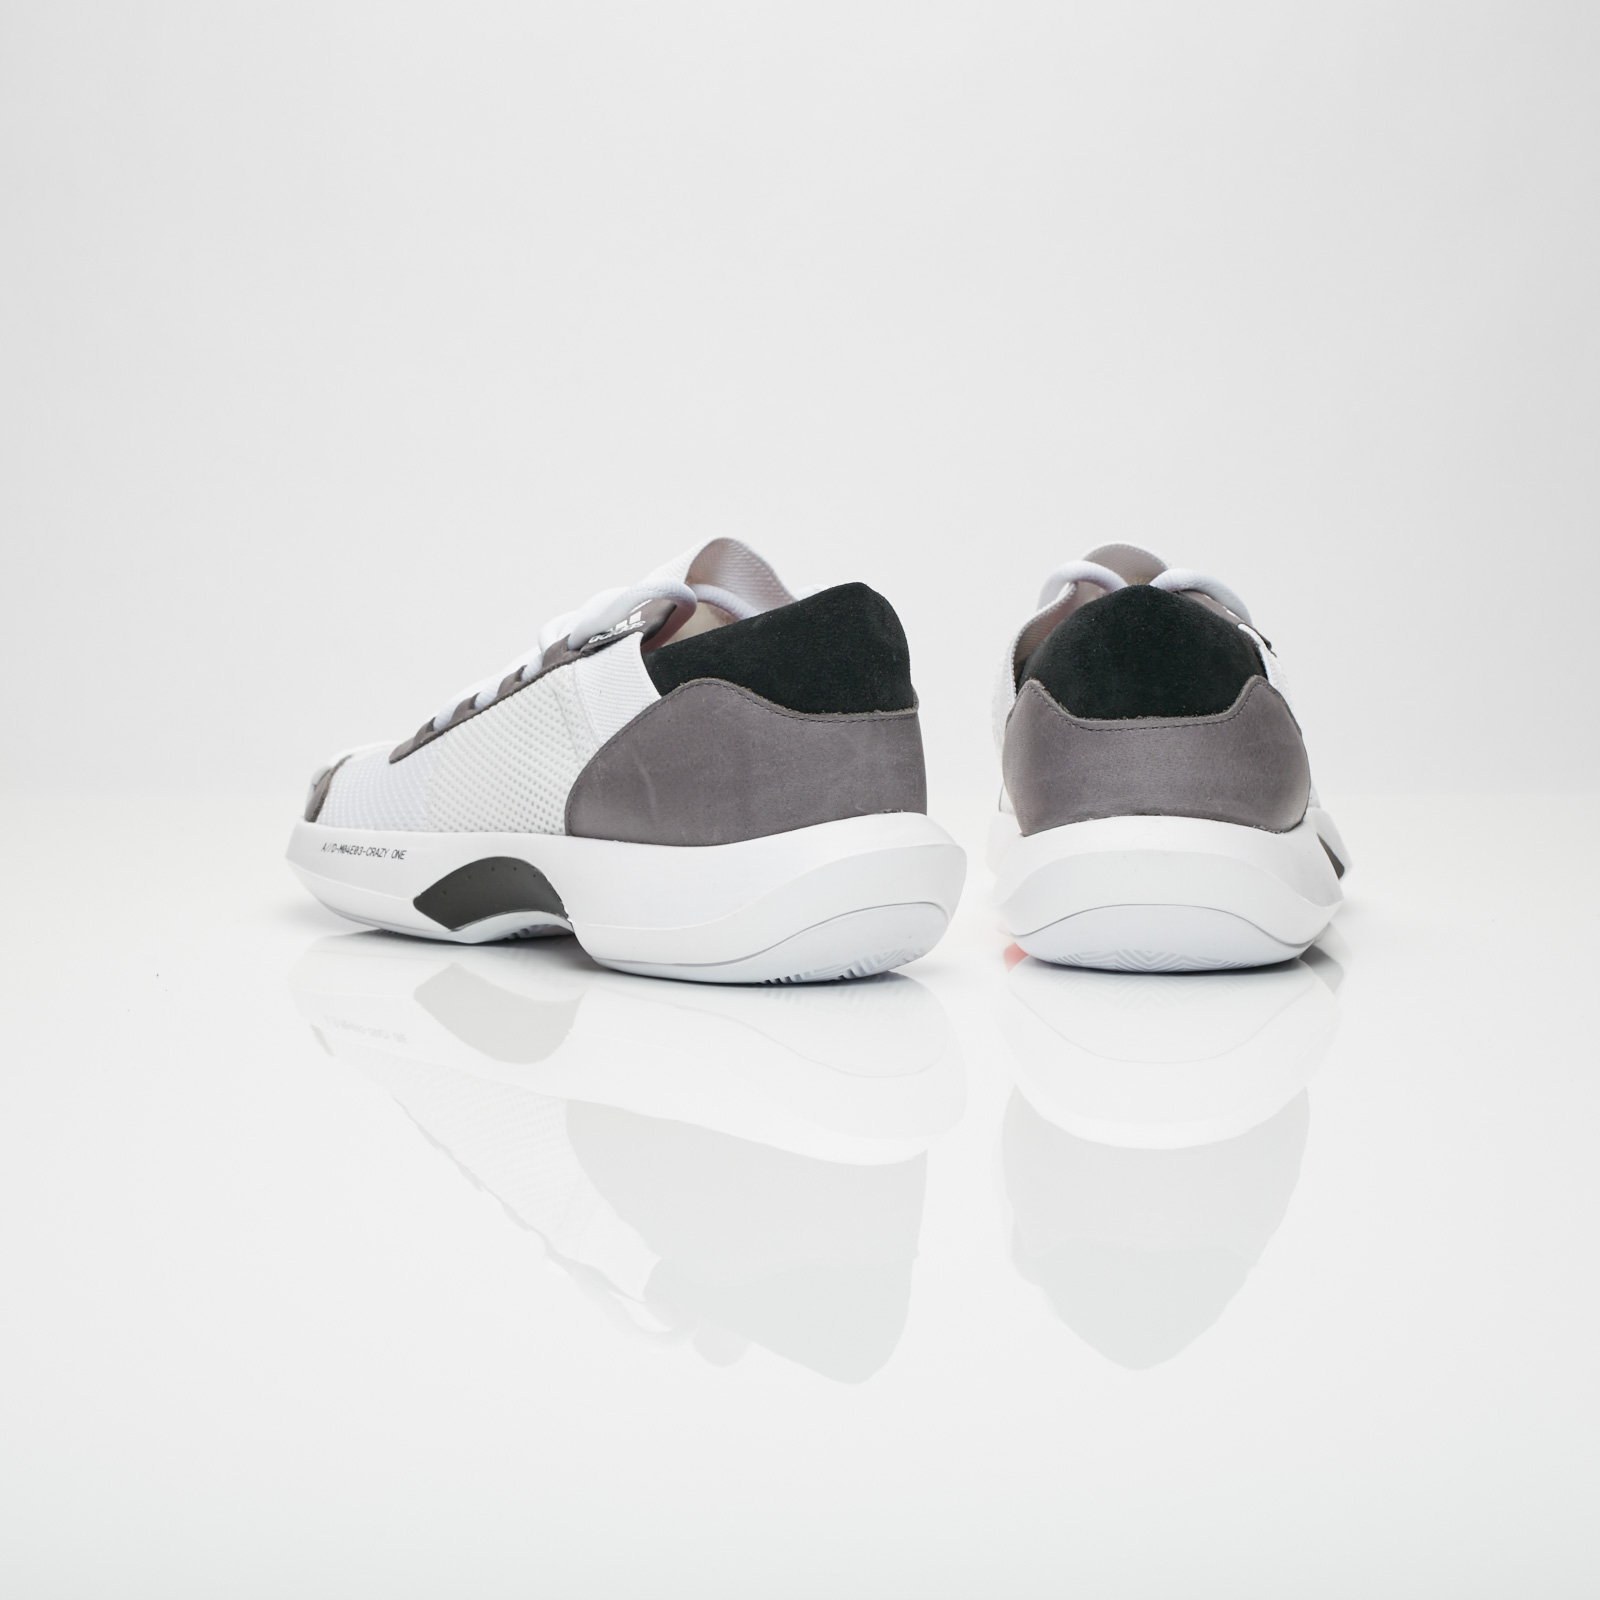 new concept 7dd0a 2939f ... adidas Consortium Crazy 1 AD Workshop ...